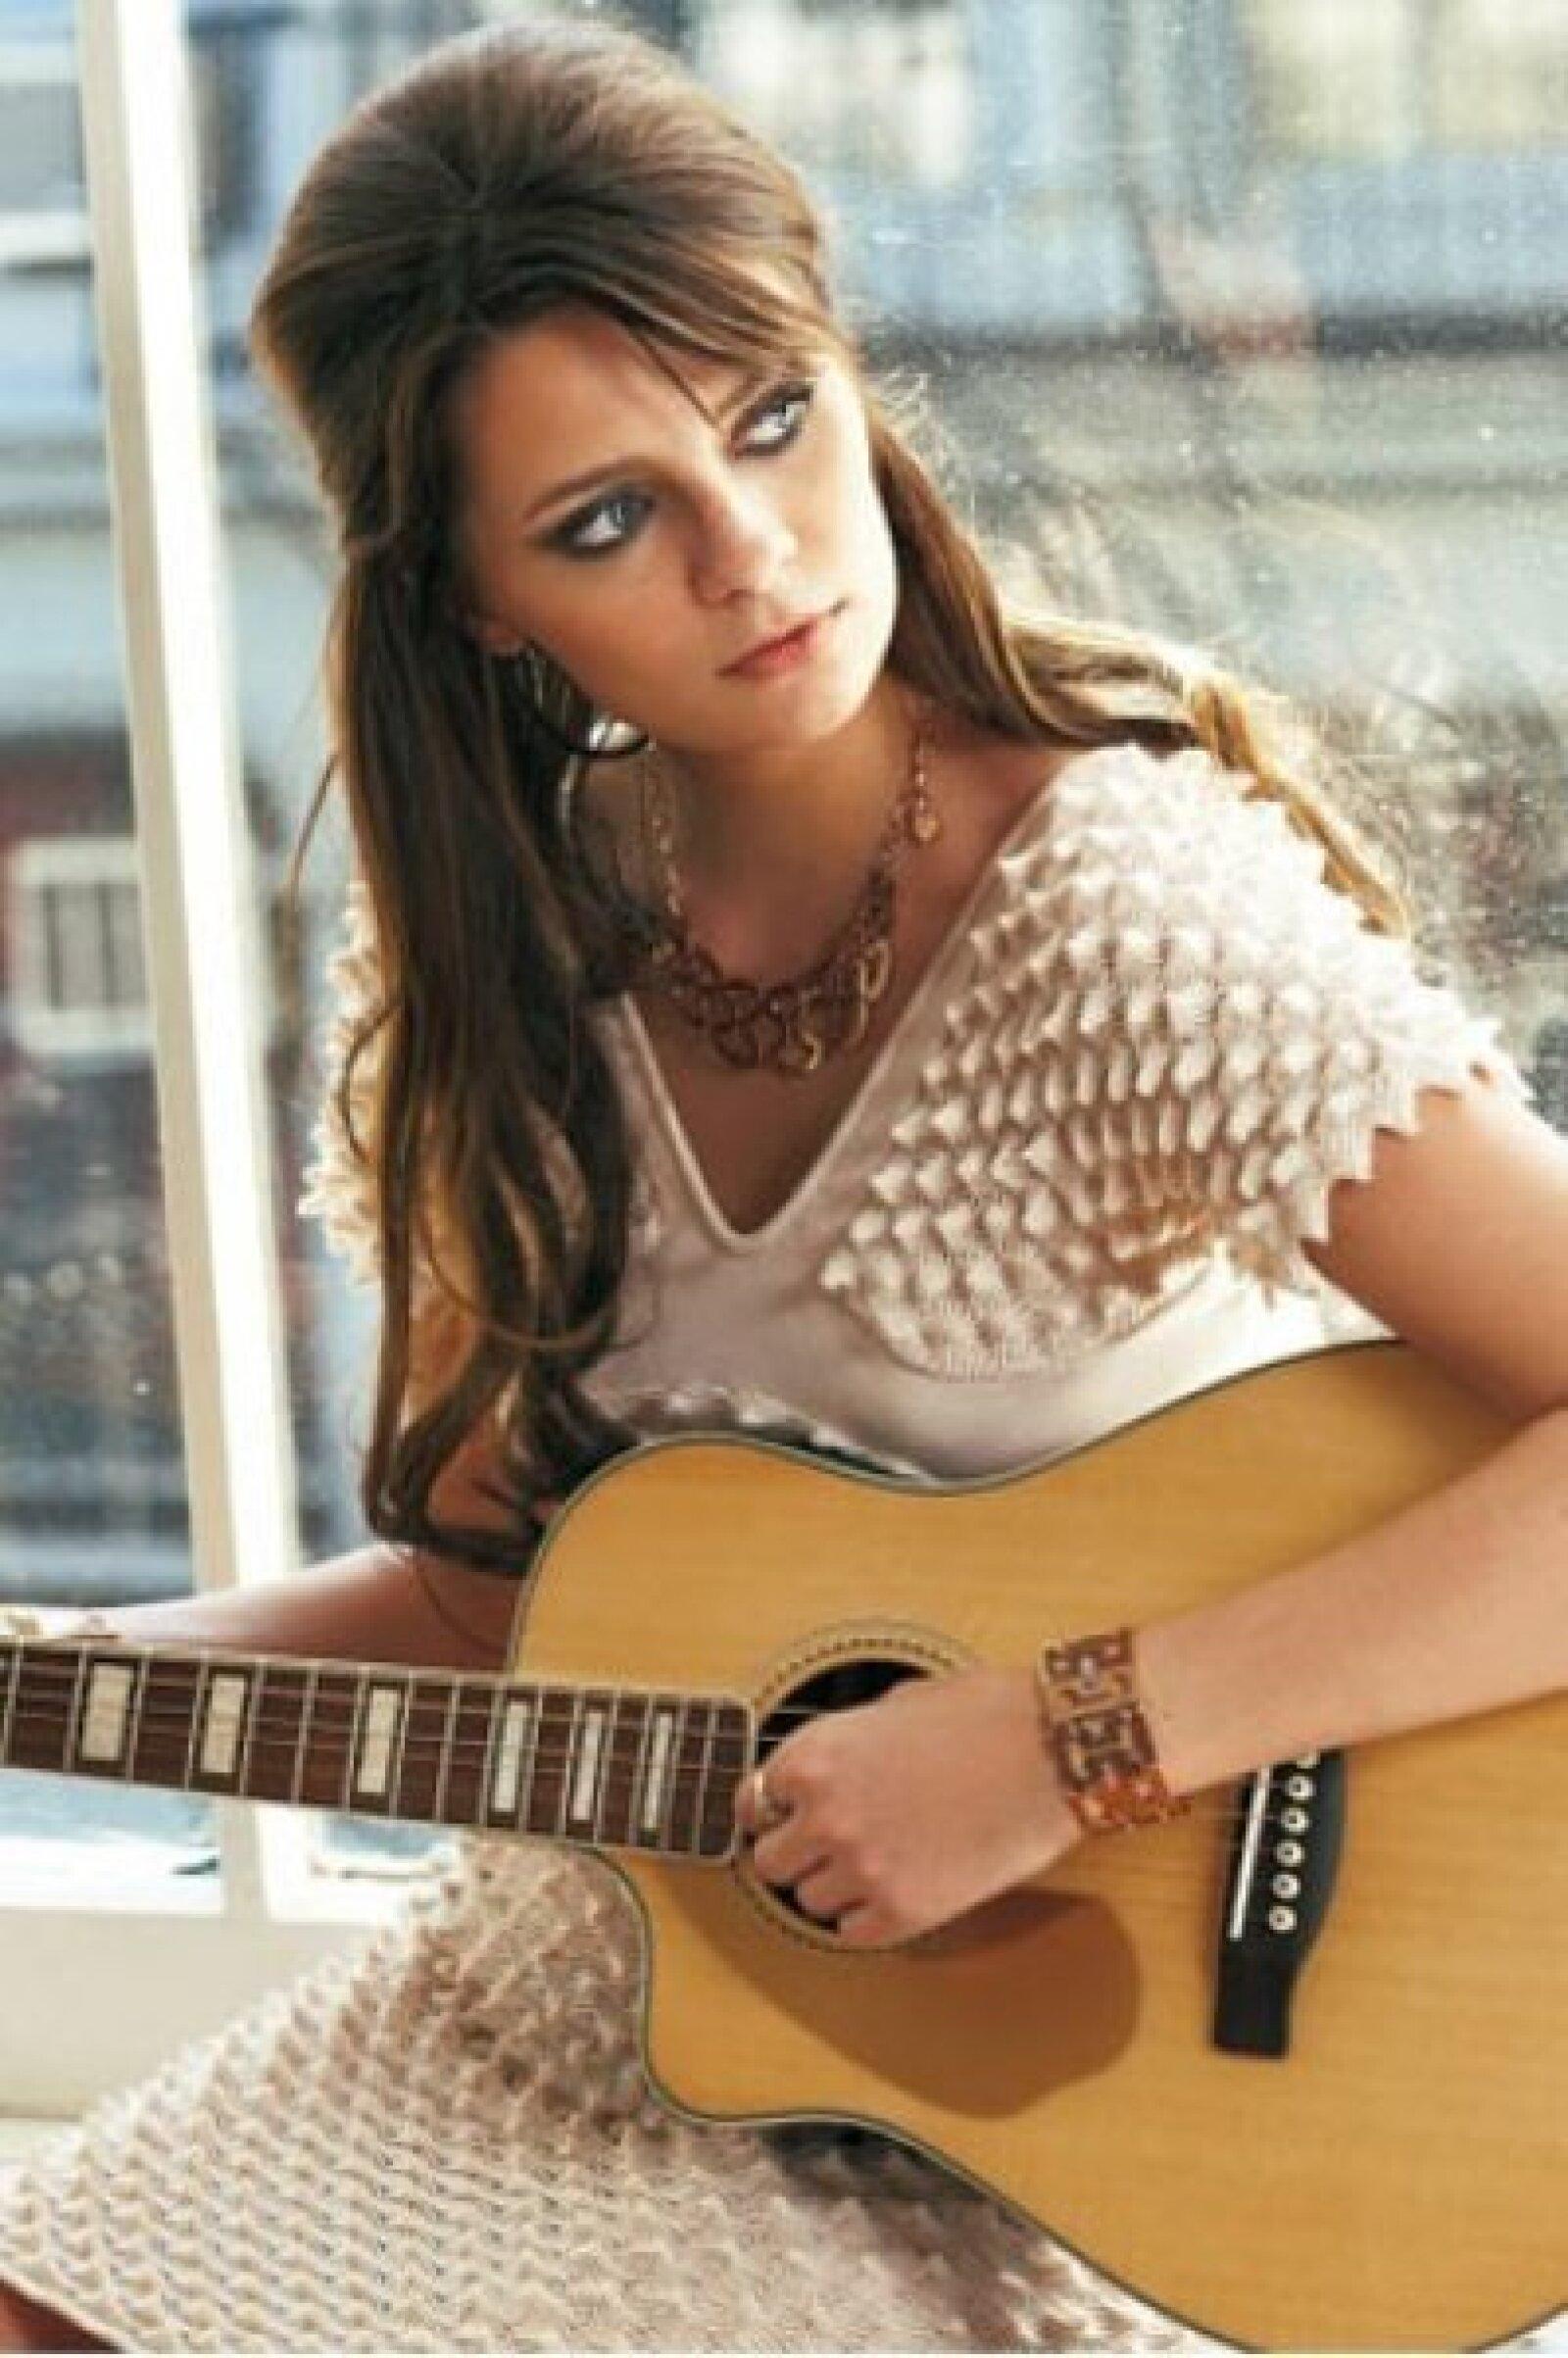 Mischa Barton fue captada mientra tocaba la guitarra como una profesional.